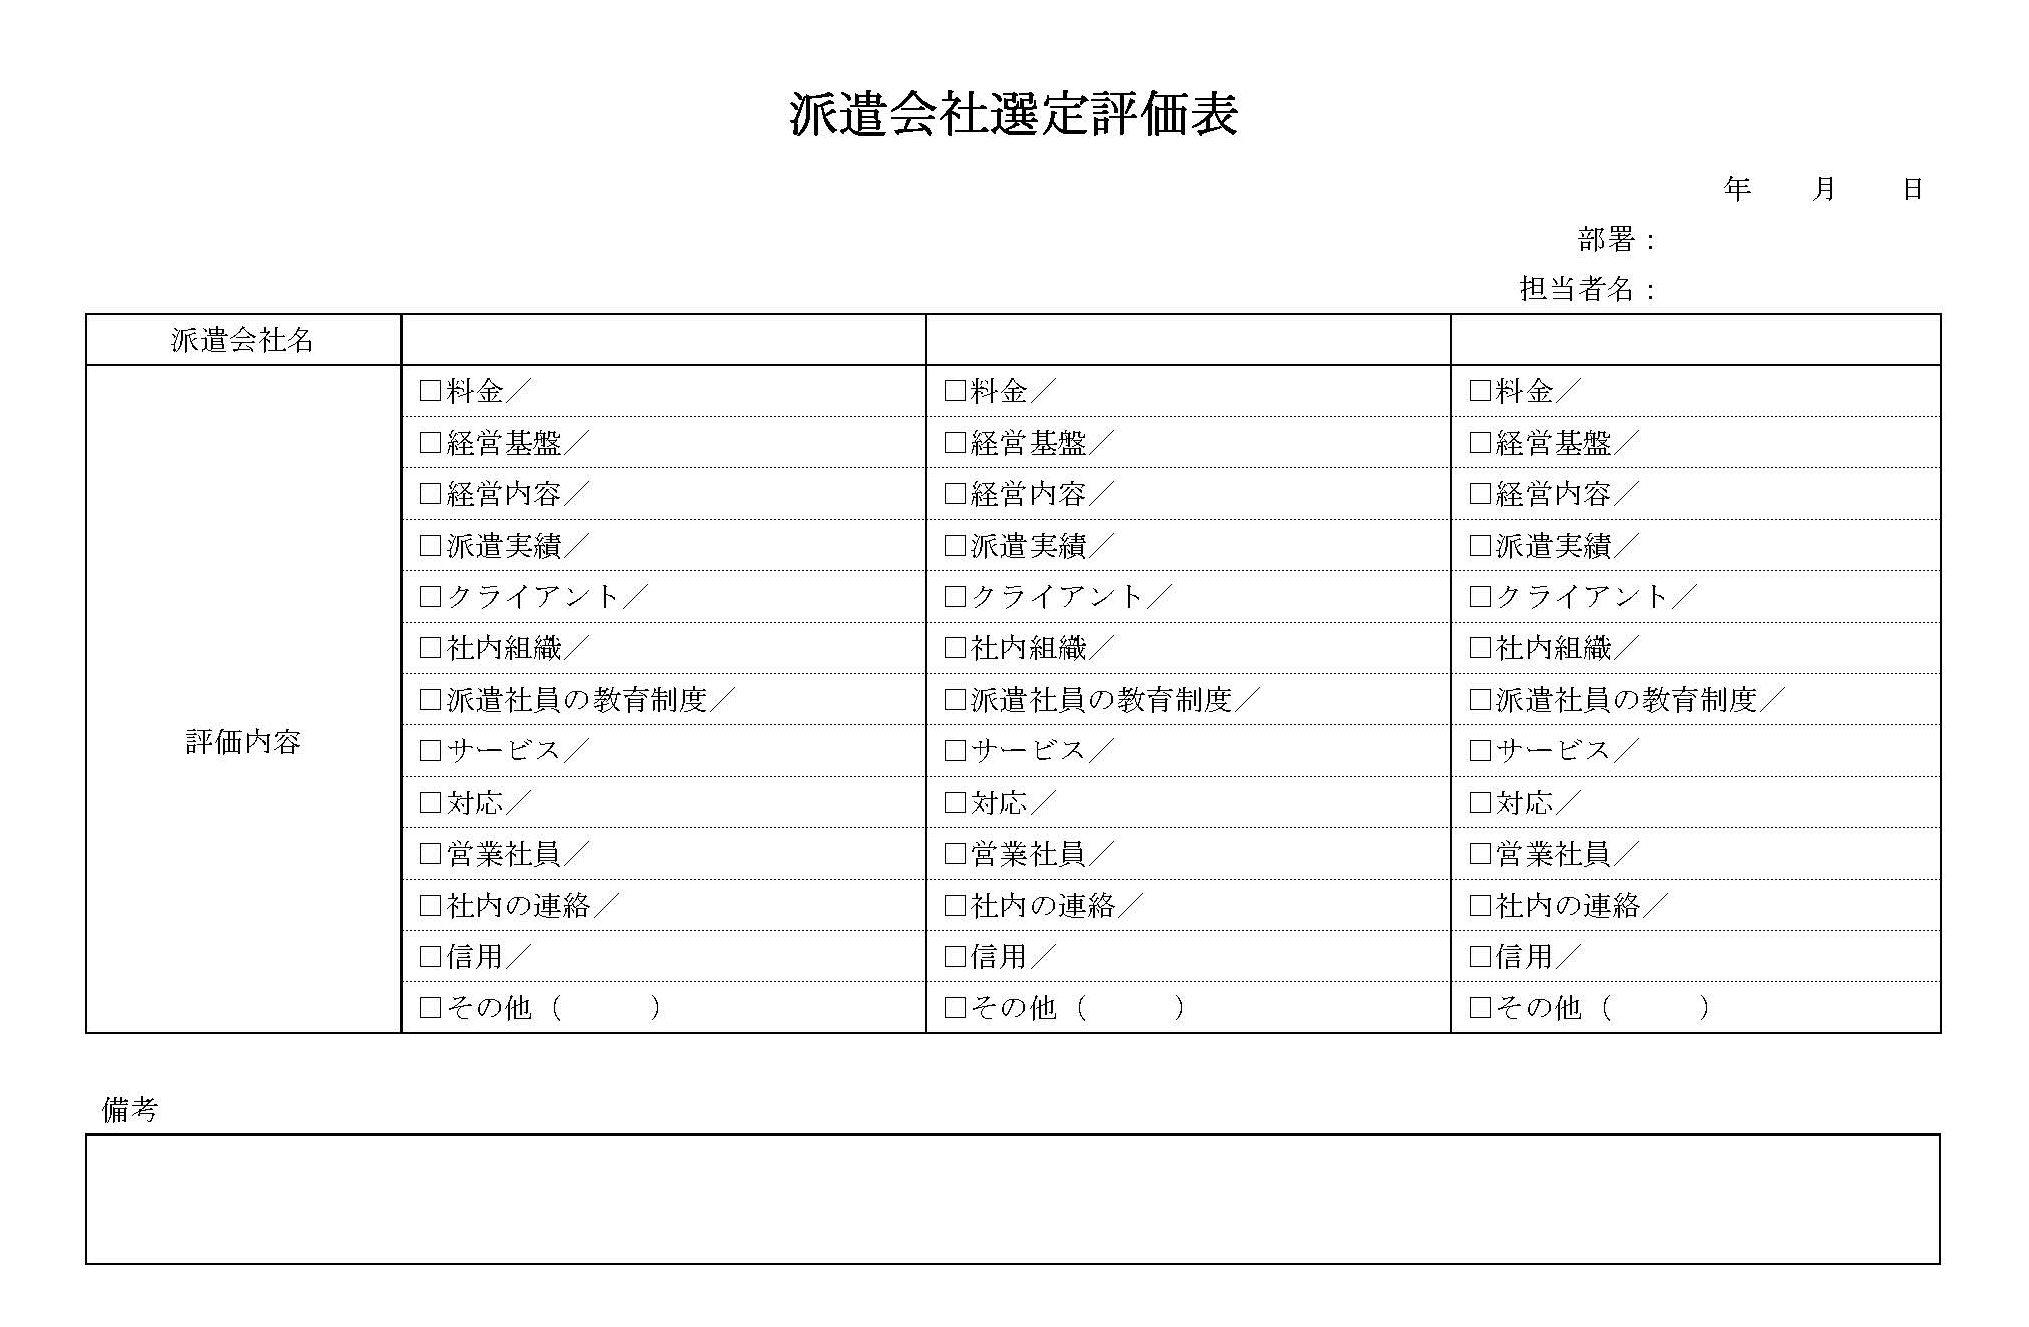 派遣会社選定評価表